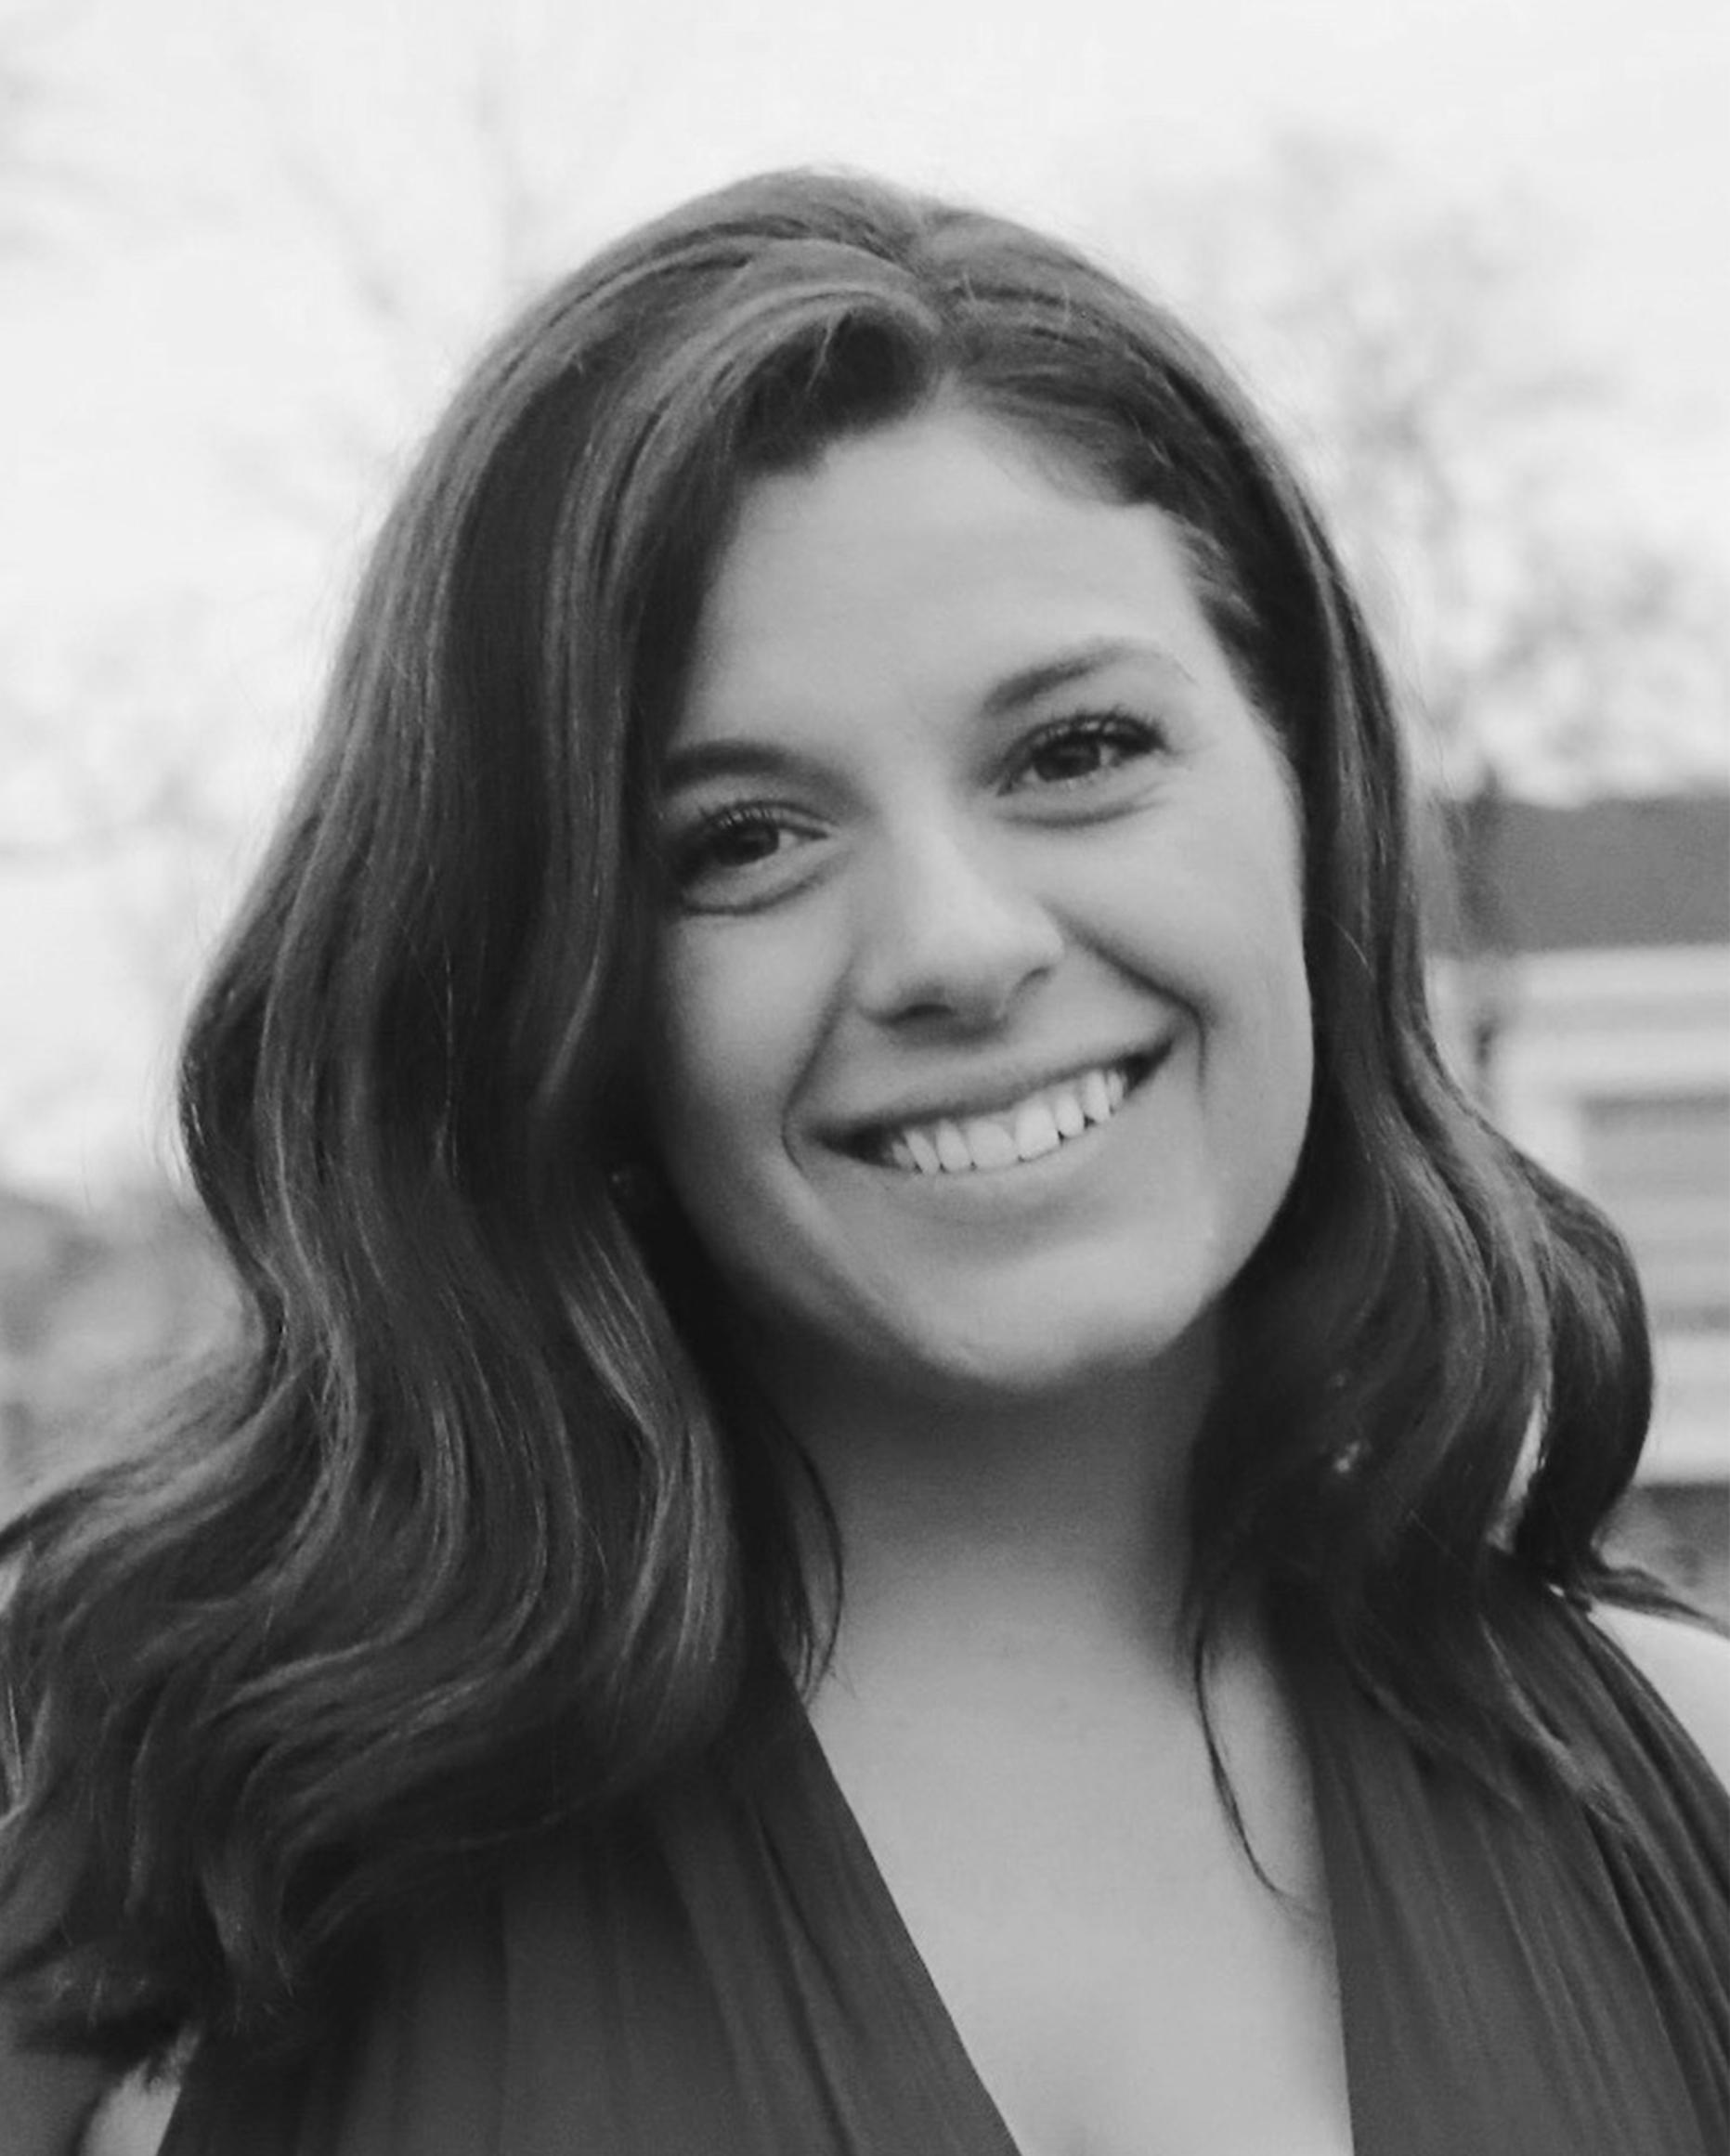 Lauren Payton